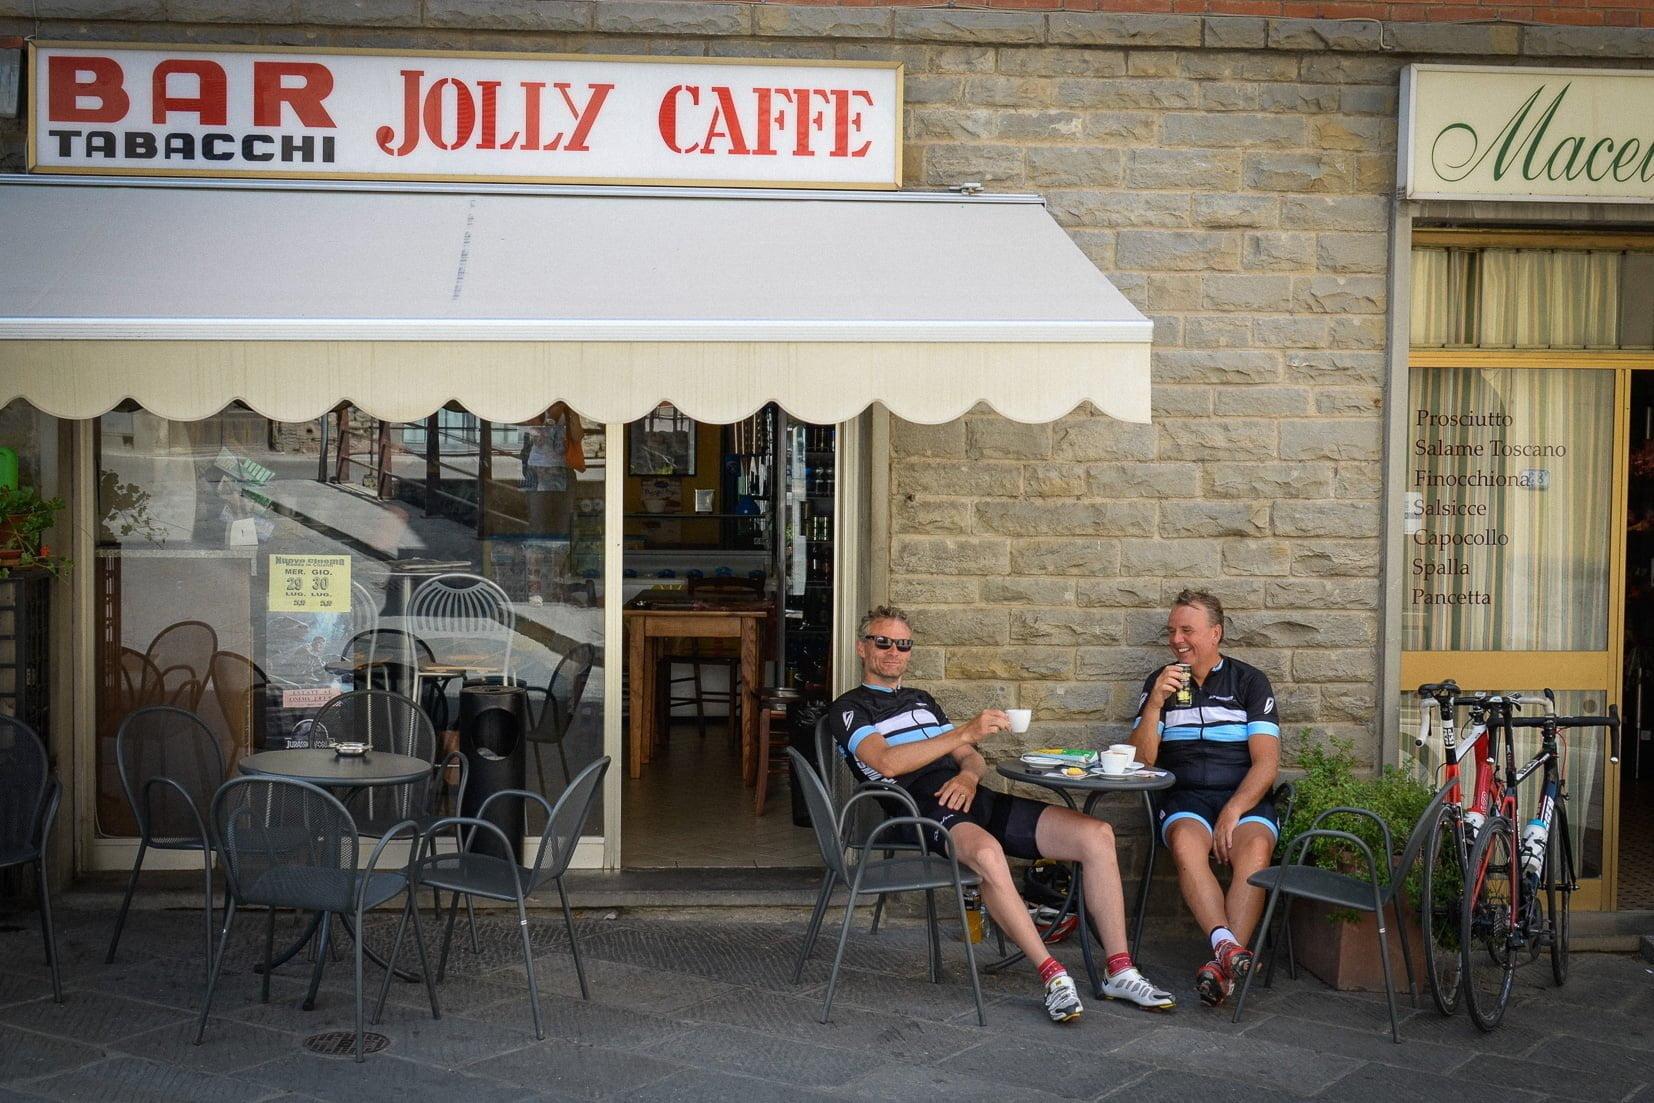 jan janssen team gear top-kwaliteit fietskleding